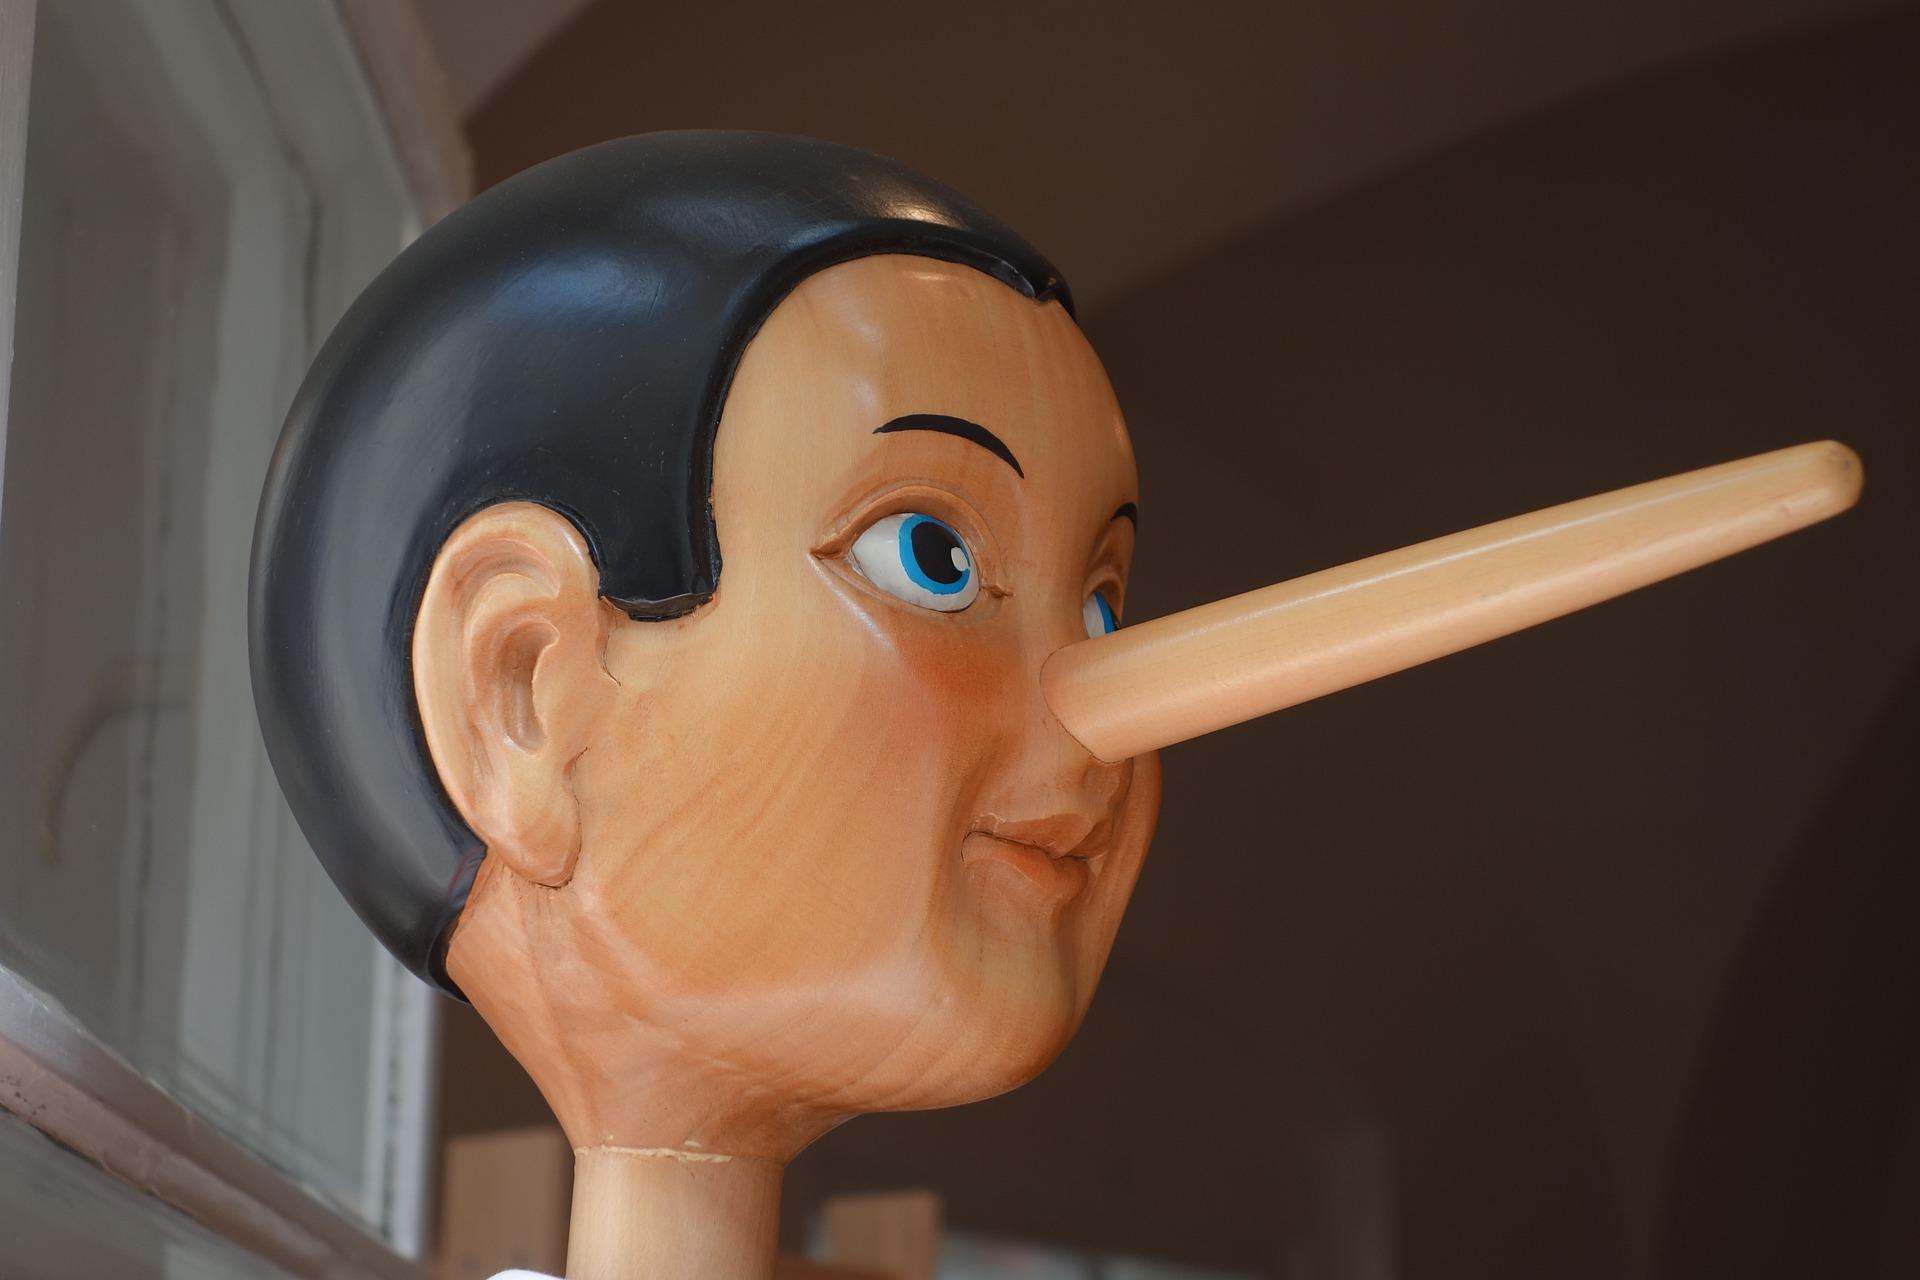 Wie oft lügst du?